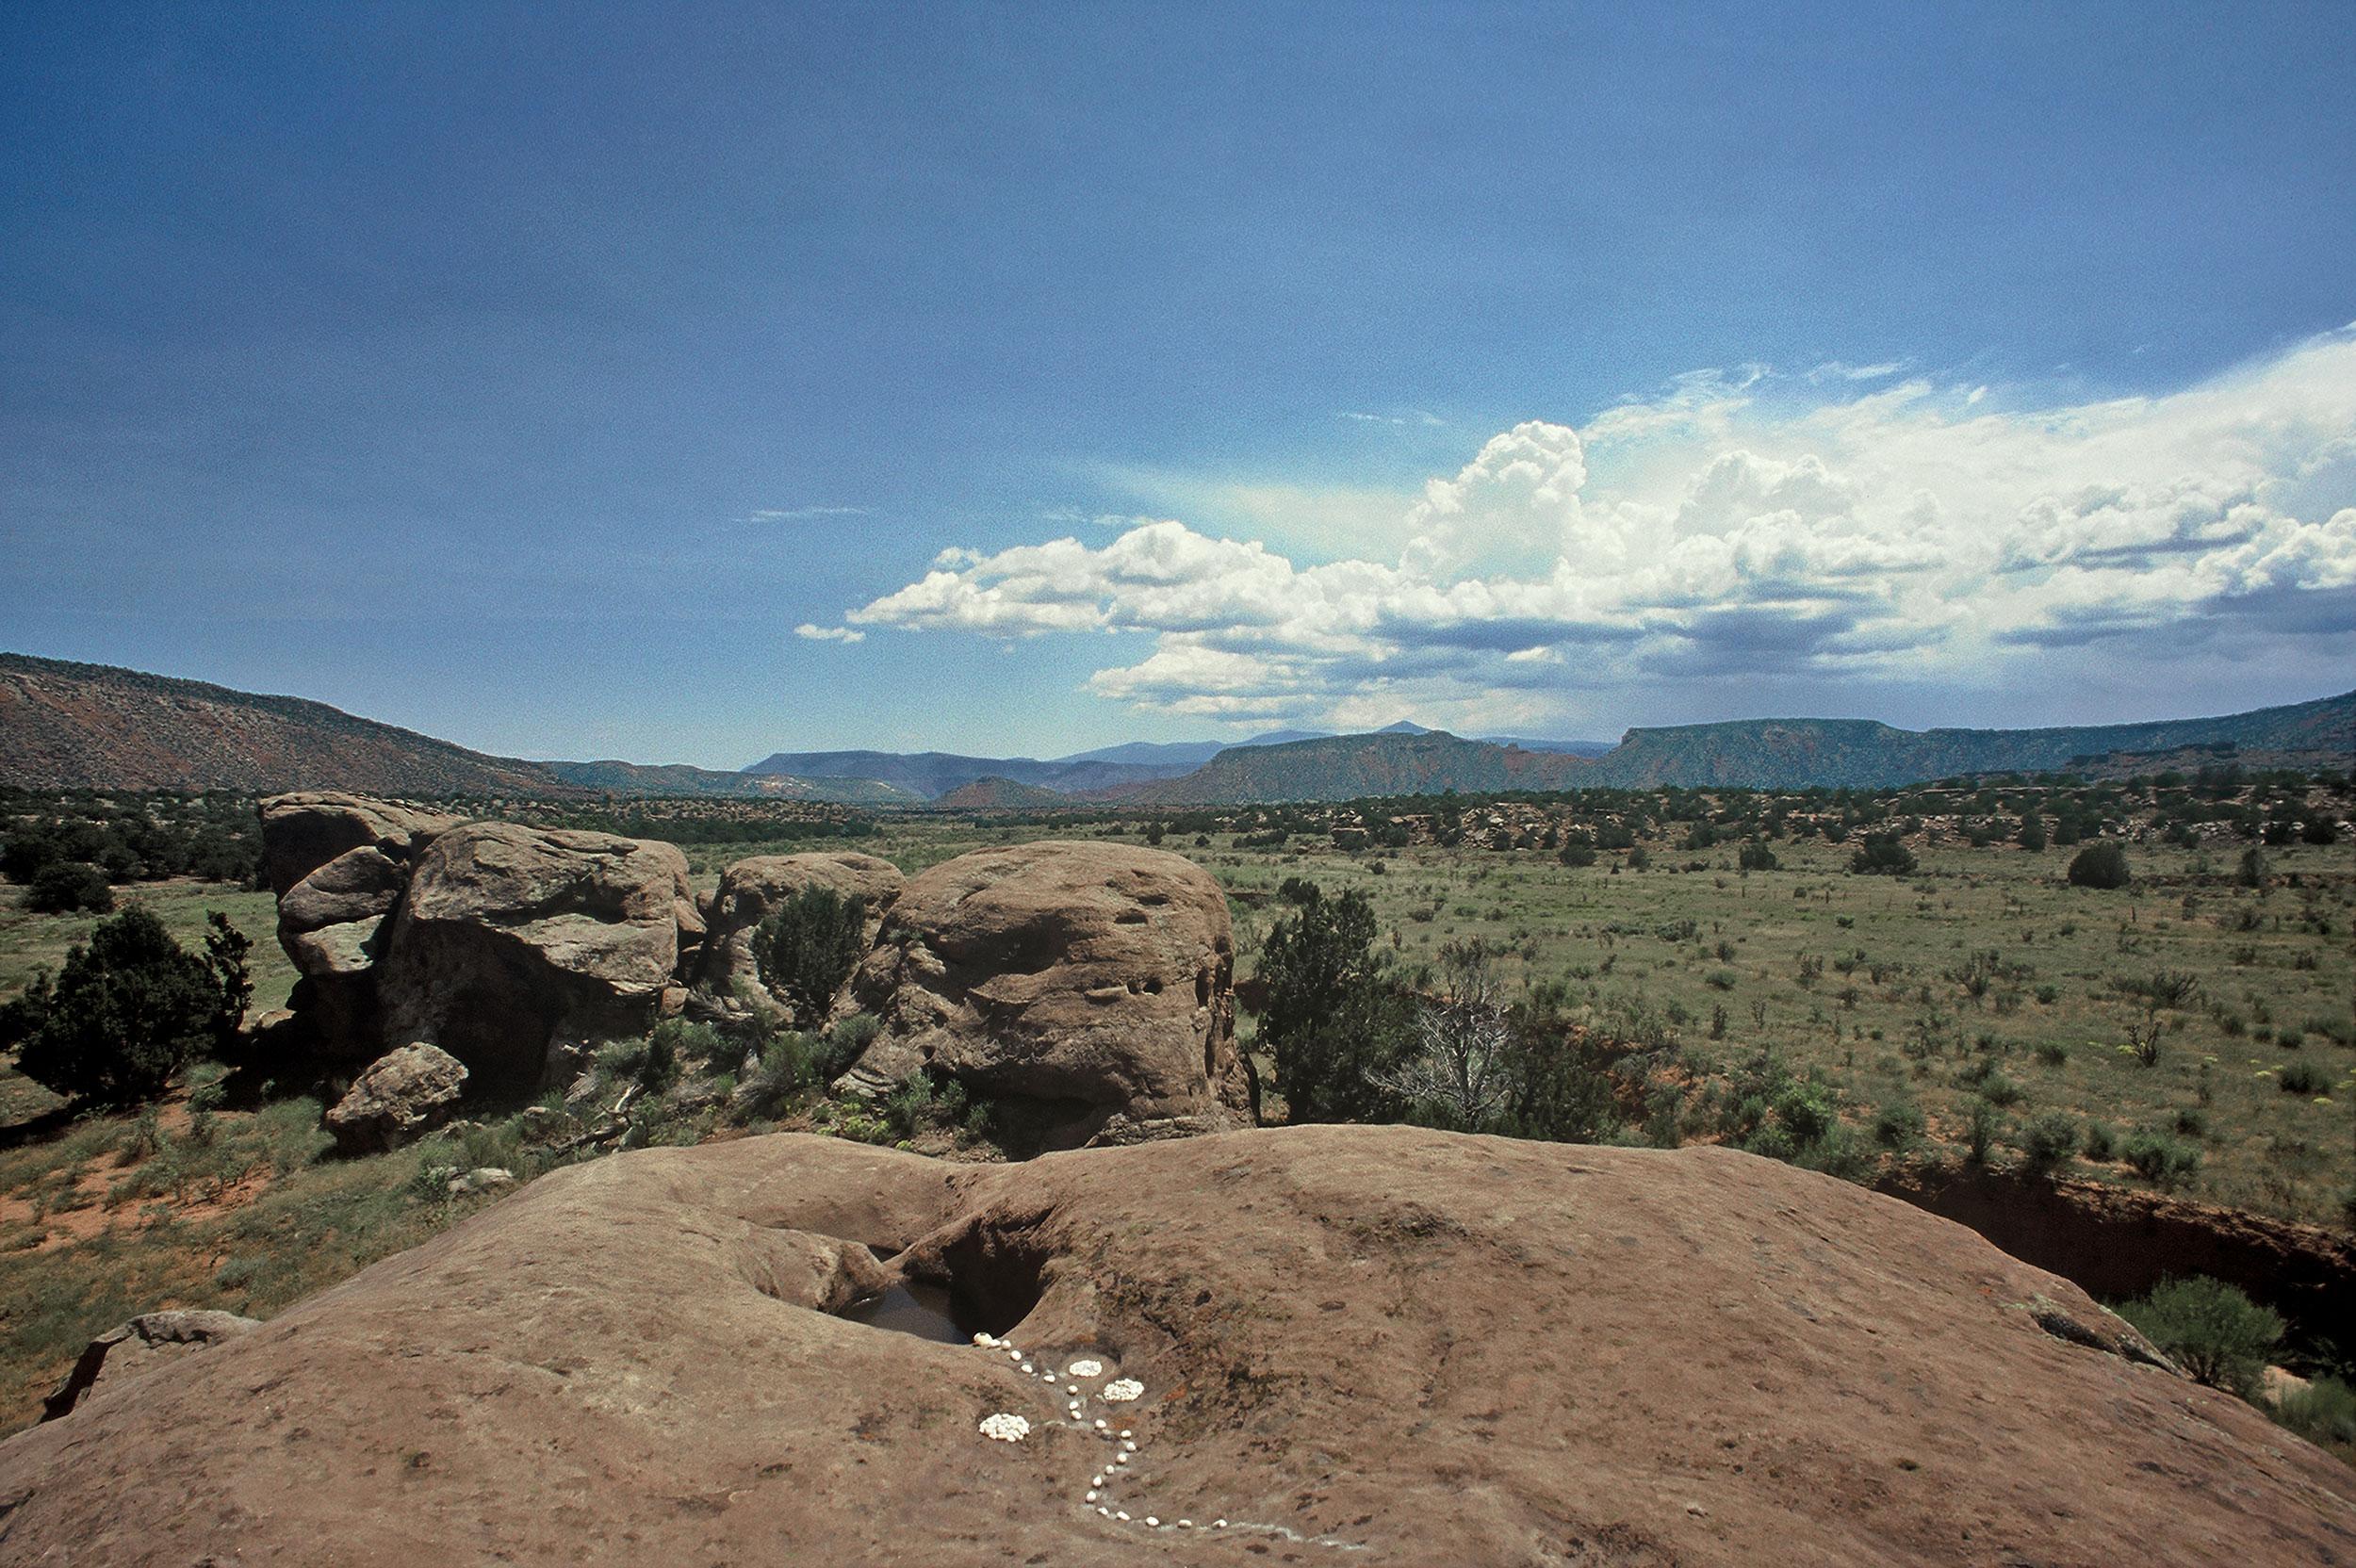 Heart of Copper Canyon, near Abiquiu, NM